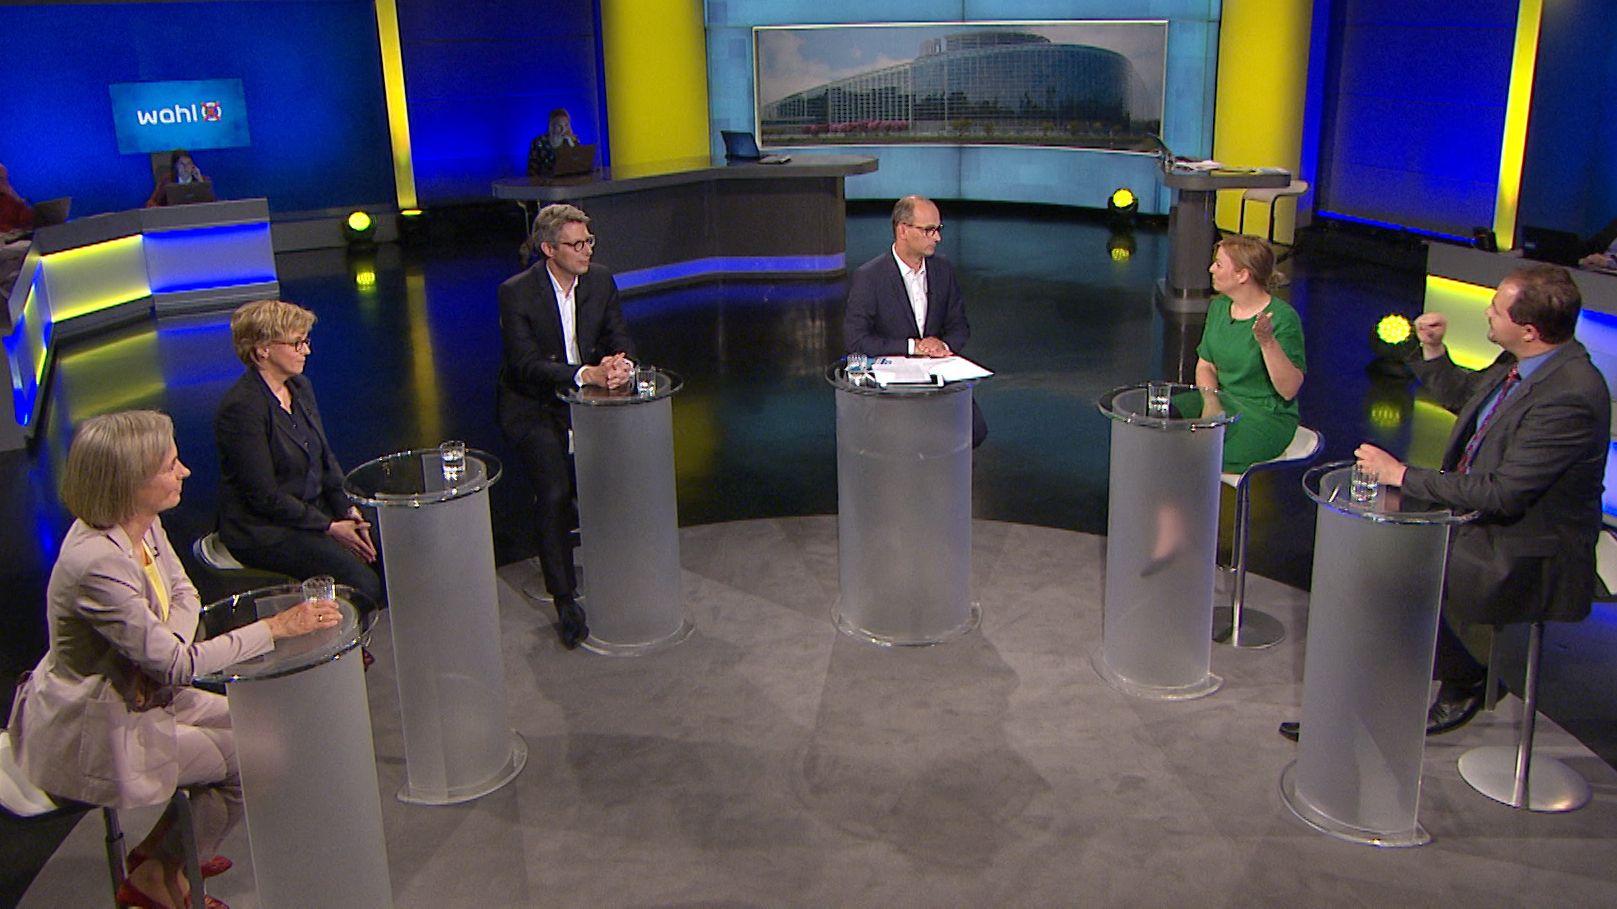 In der Münchner Runde zur Europawahl forderte die Fraktionsvorsitzende der Grünen einen Zusammenschluss der Demokraten gegen Rechtspopulisten.